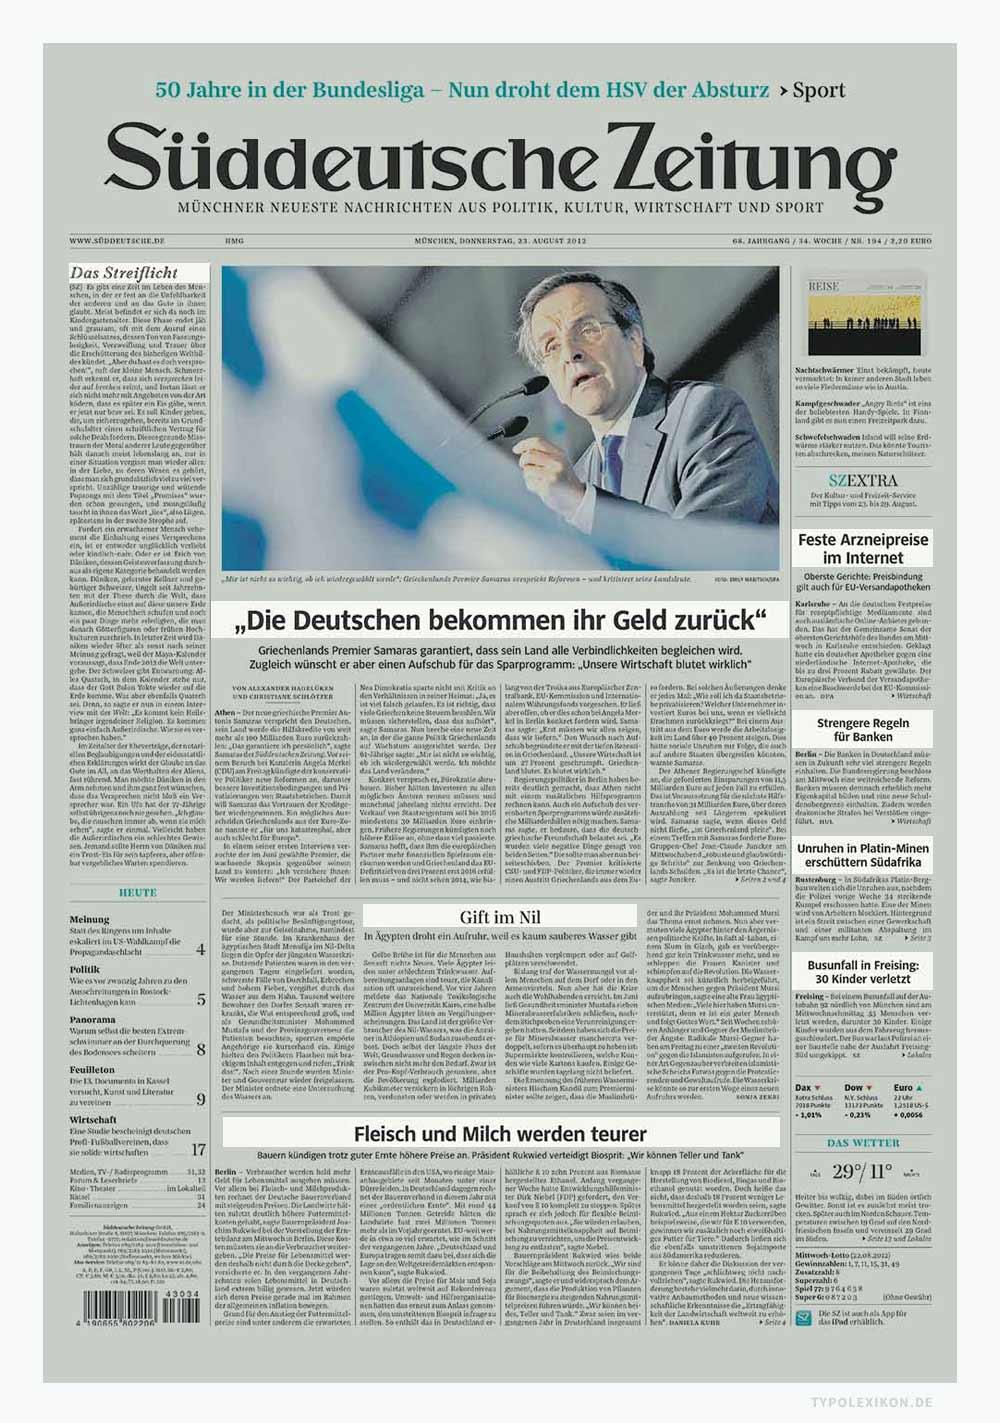 Unterschiedliche Headlines im Layout der Süddeutsche Zeitung. Die Überschriften dienen nicht nur als Eyecatcher (Blickfang), sondern auch zur Strukturierung der Seite. Bildzitat: Süddeutsche Zeitung, München.